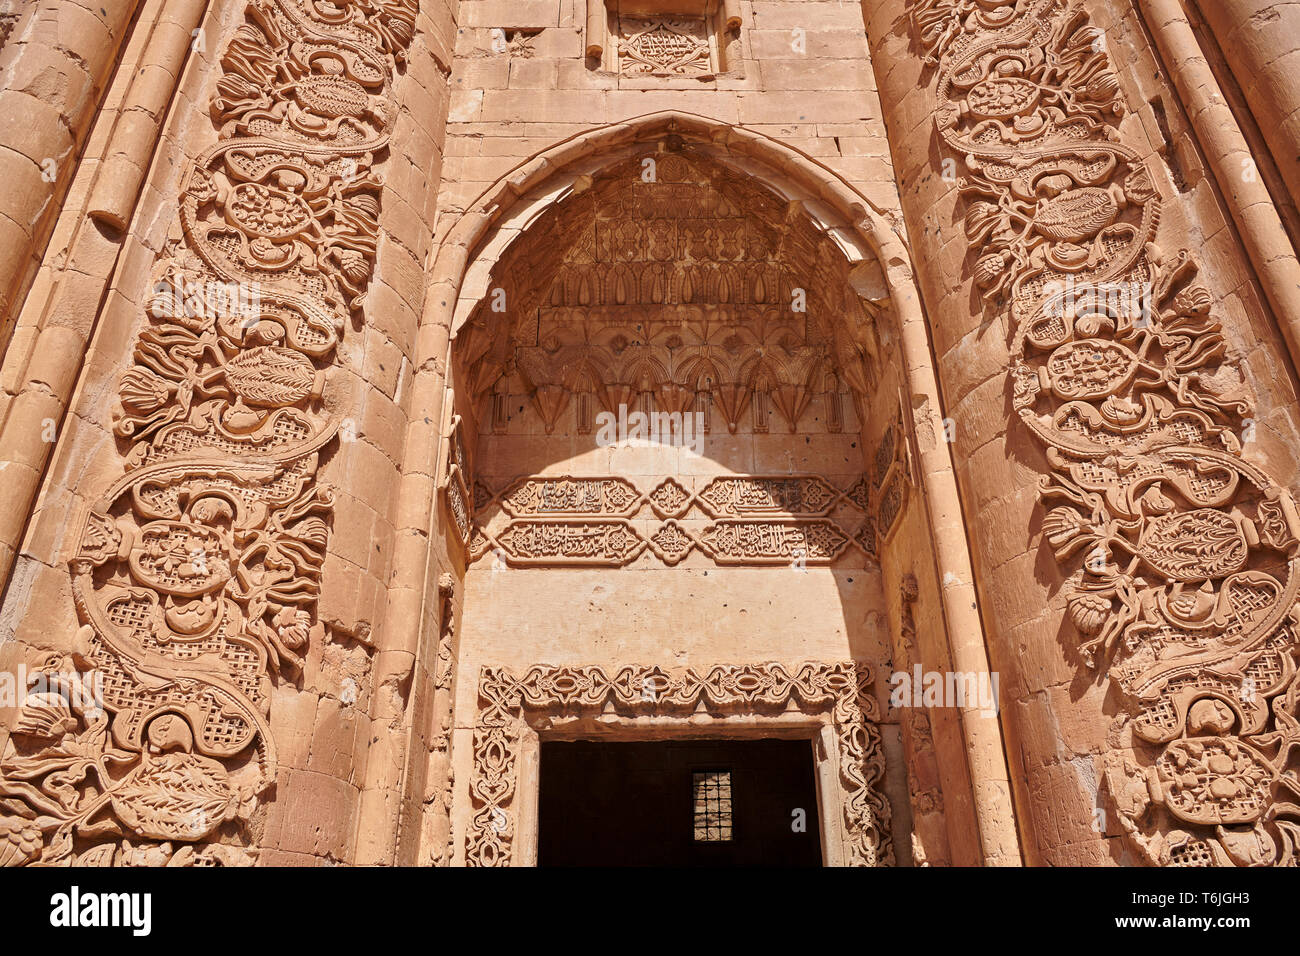 Cour et entrée du mausolée du 18e siècle l'architecture ottomane de l'Ishak Pasha Palace Turquie Photo Stock